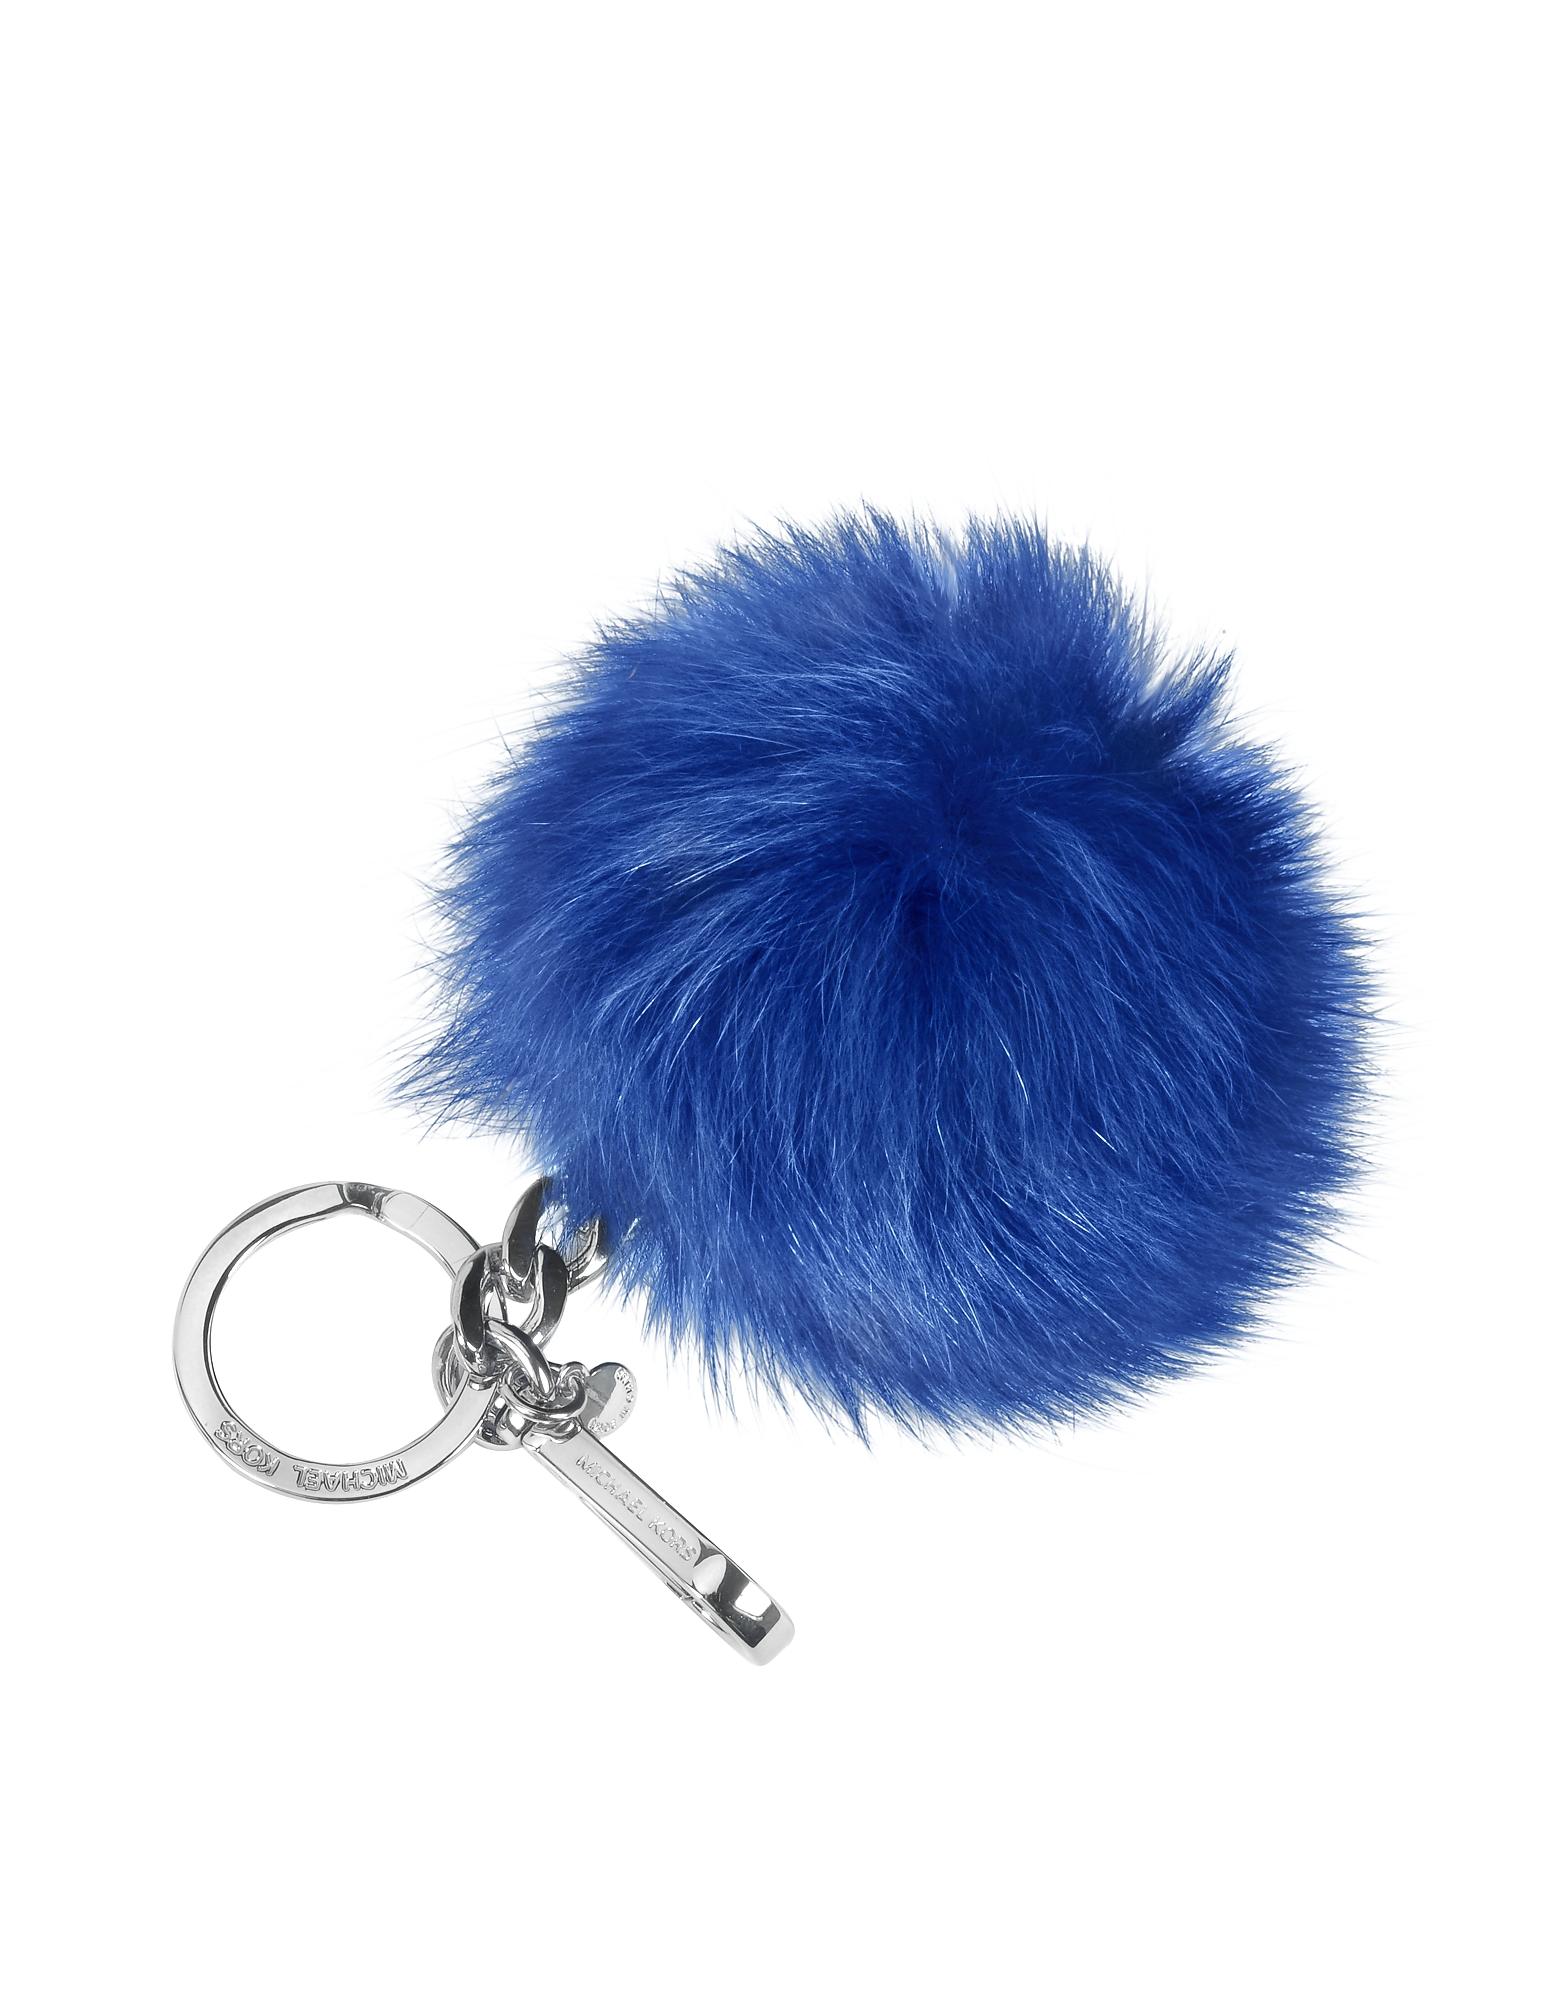 Брелок для Ключей с Меховым Пом Поном Синий Электрик